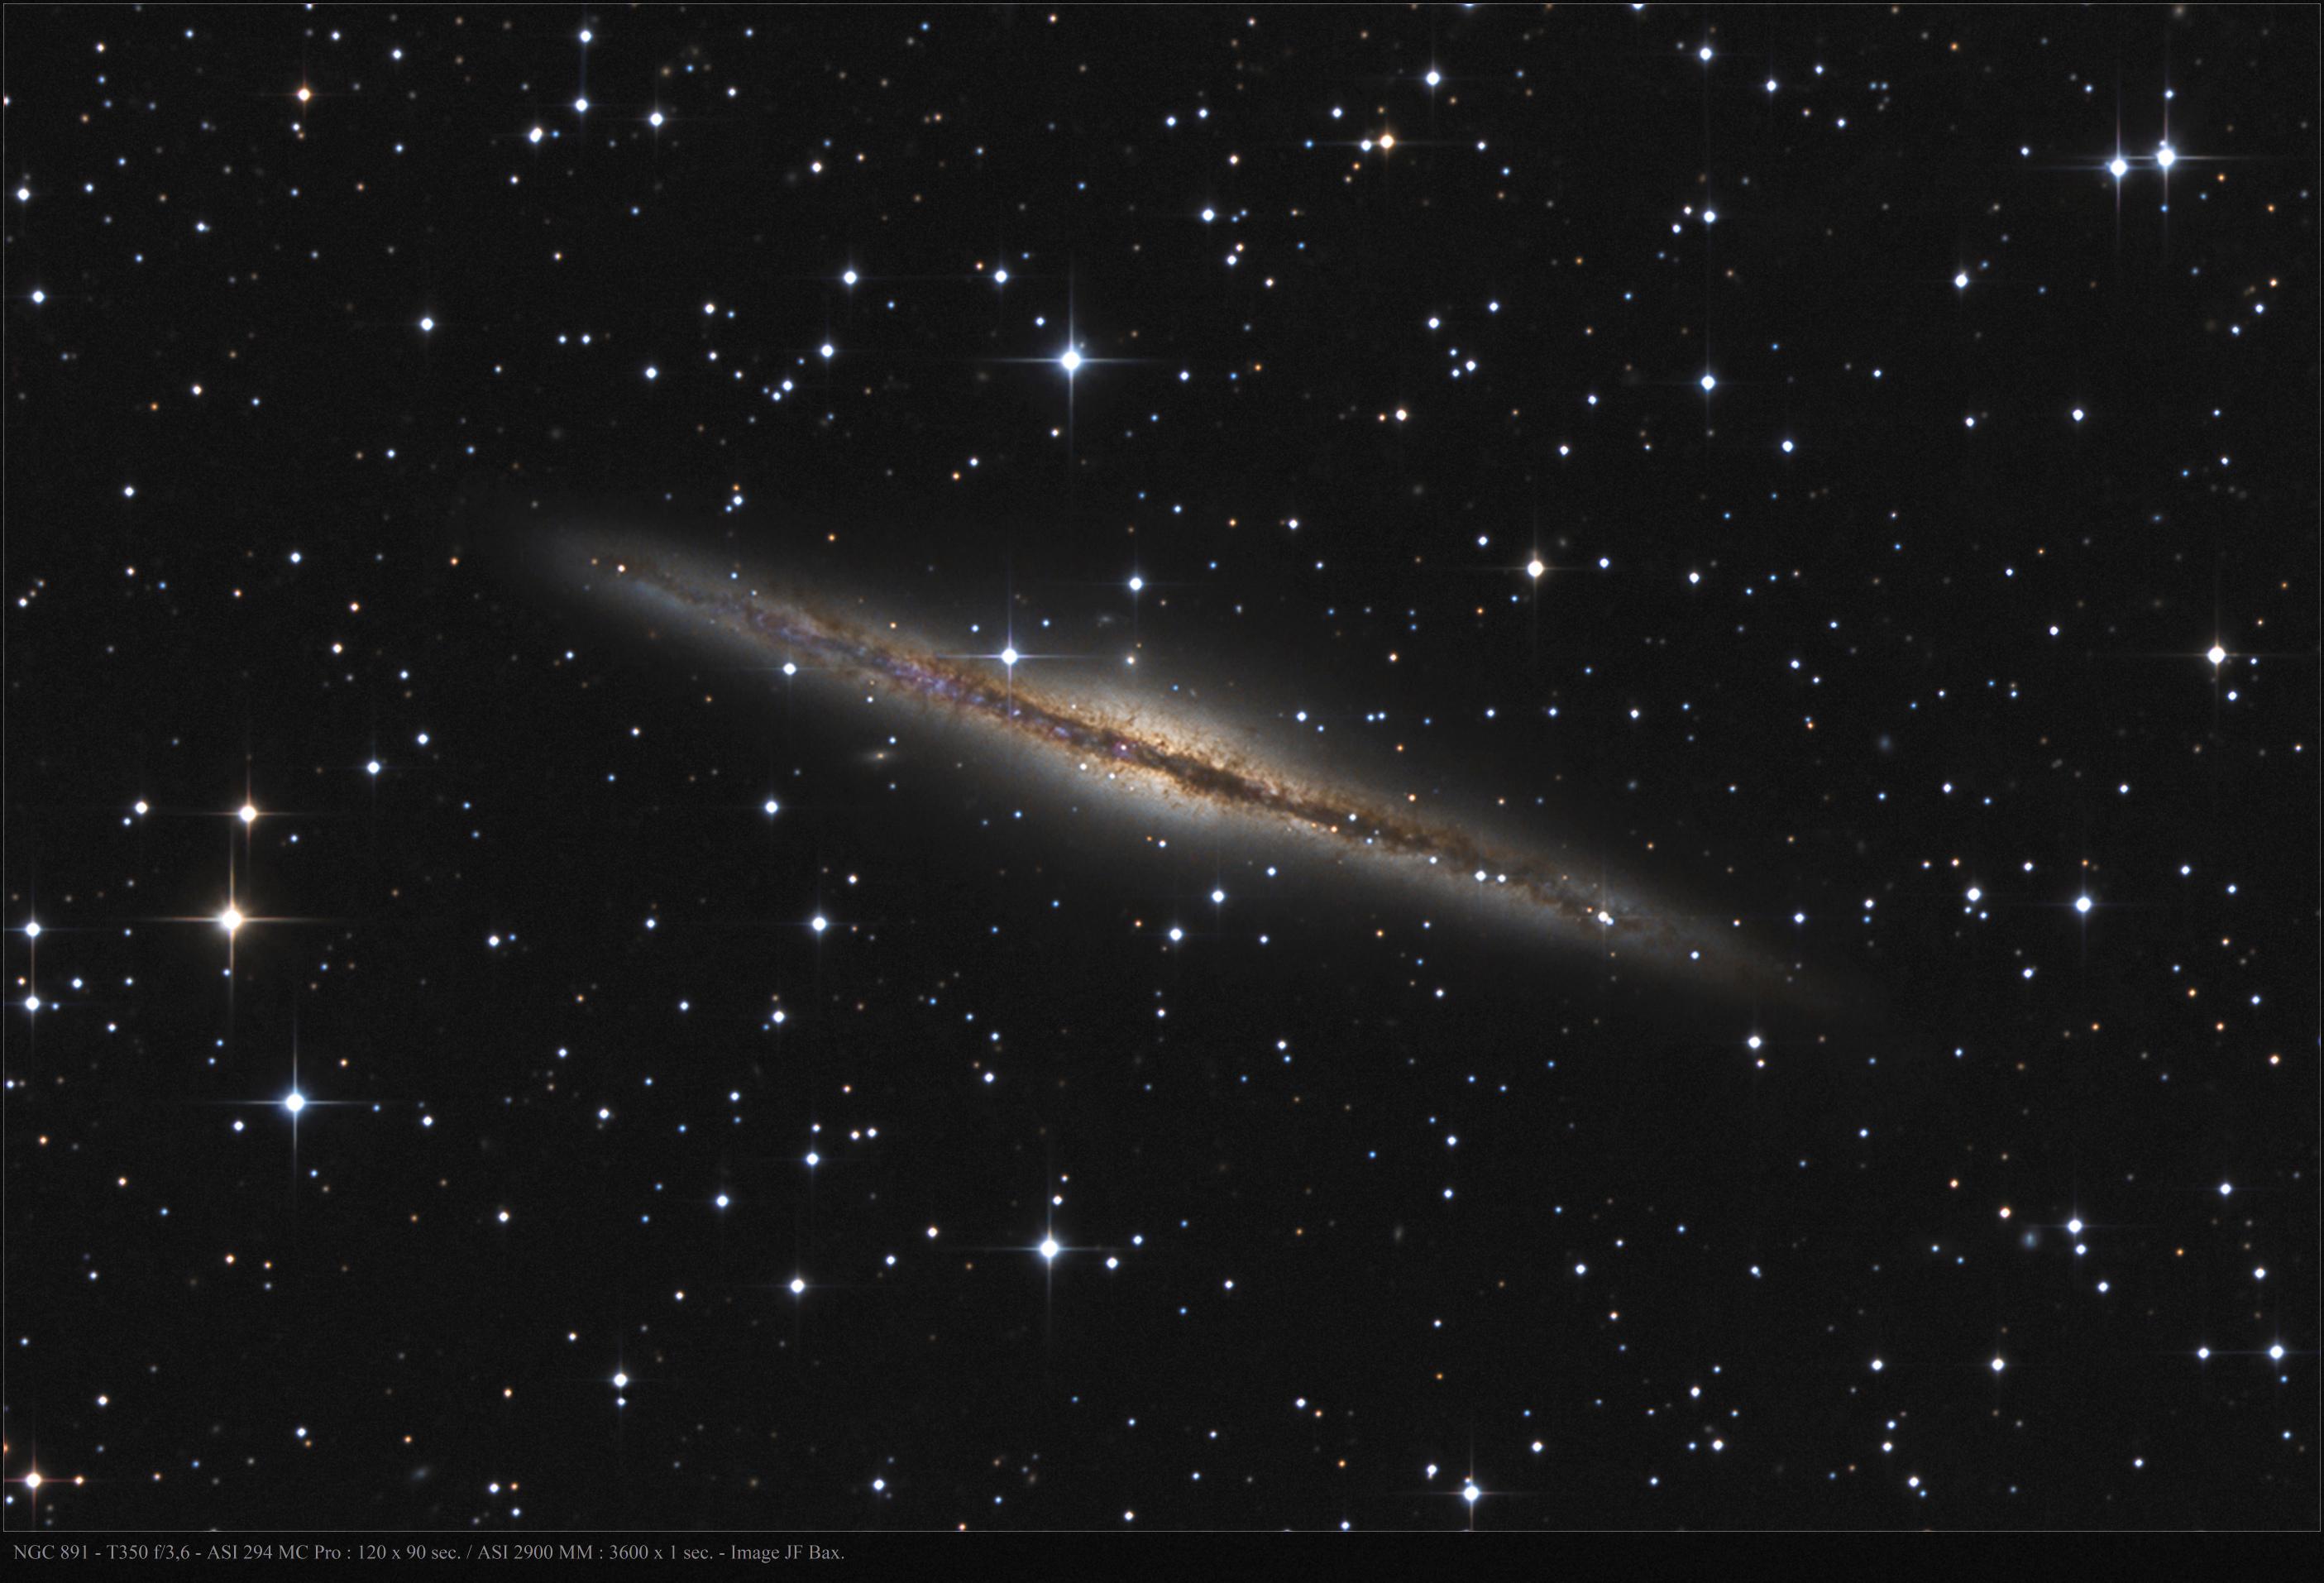 large.NGC-891-final-final_cadre2.jpg.01752f9e0cd8447ba32a9e5a298f9116.jpg